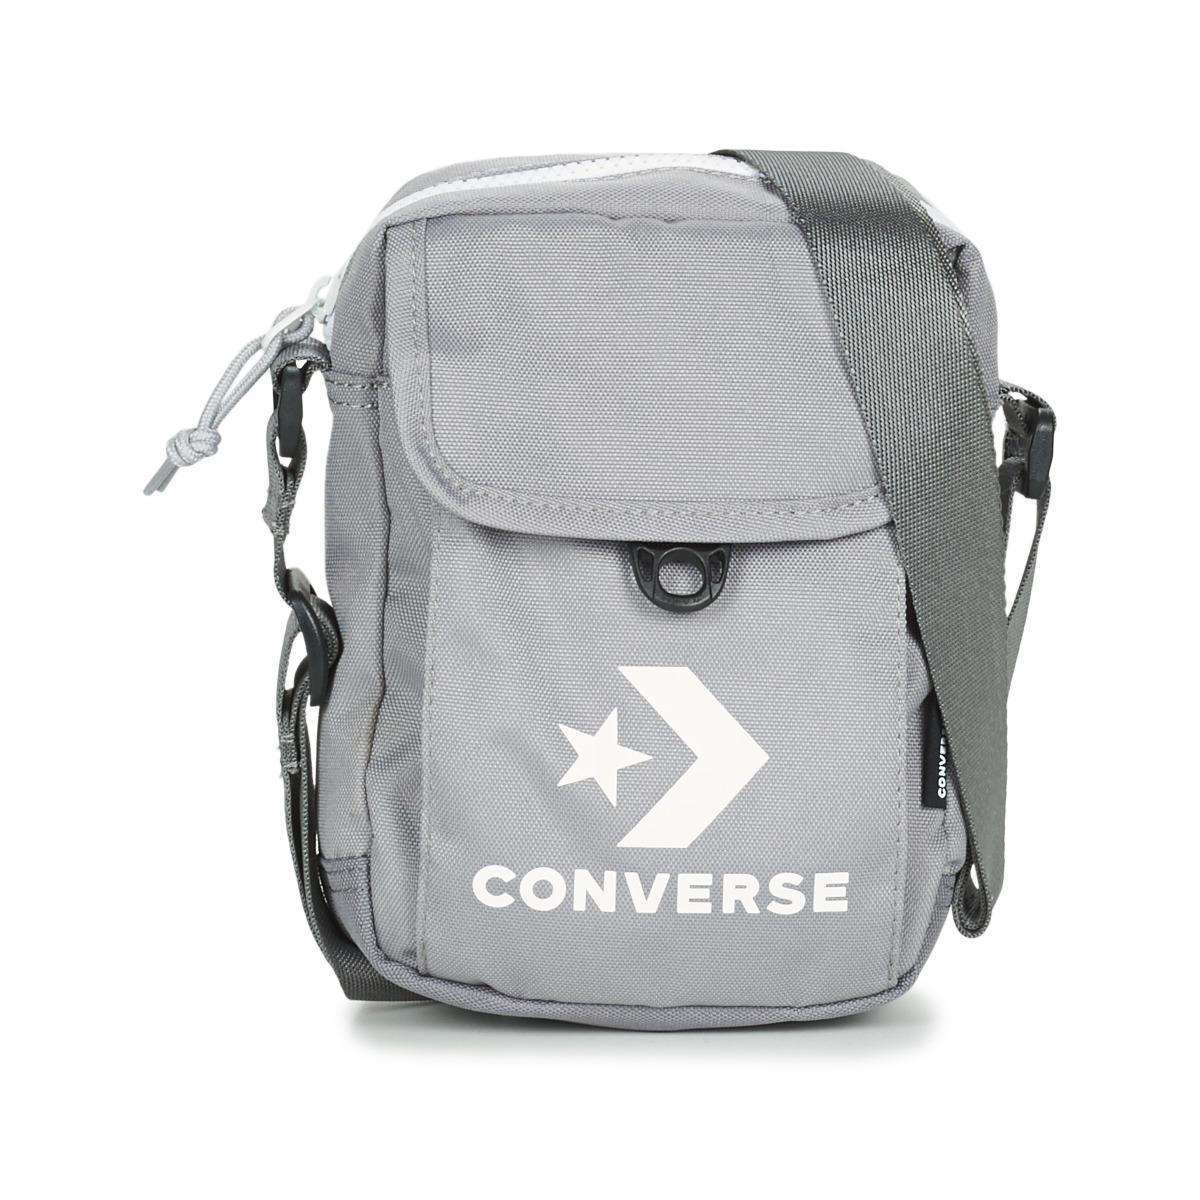 6c94c71831 Converse Cross Body 2 Pouch in Gray - Lyst